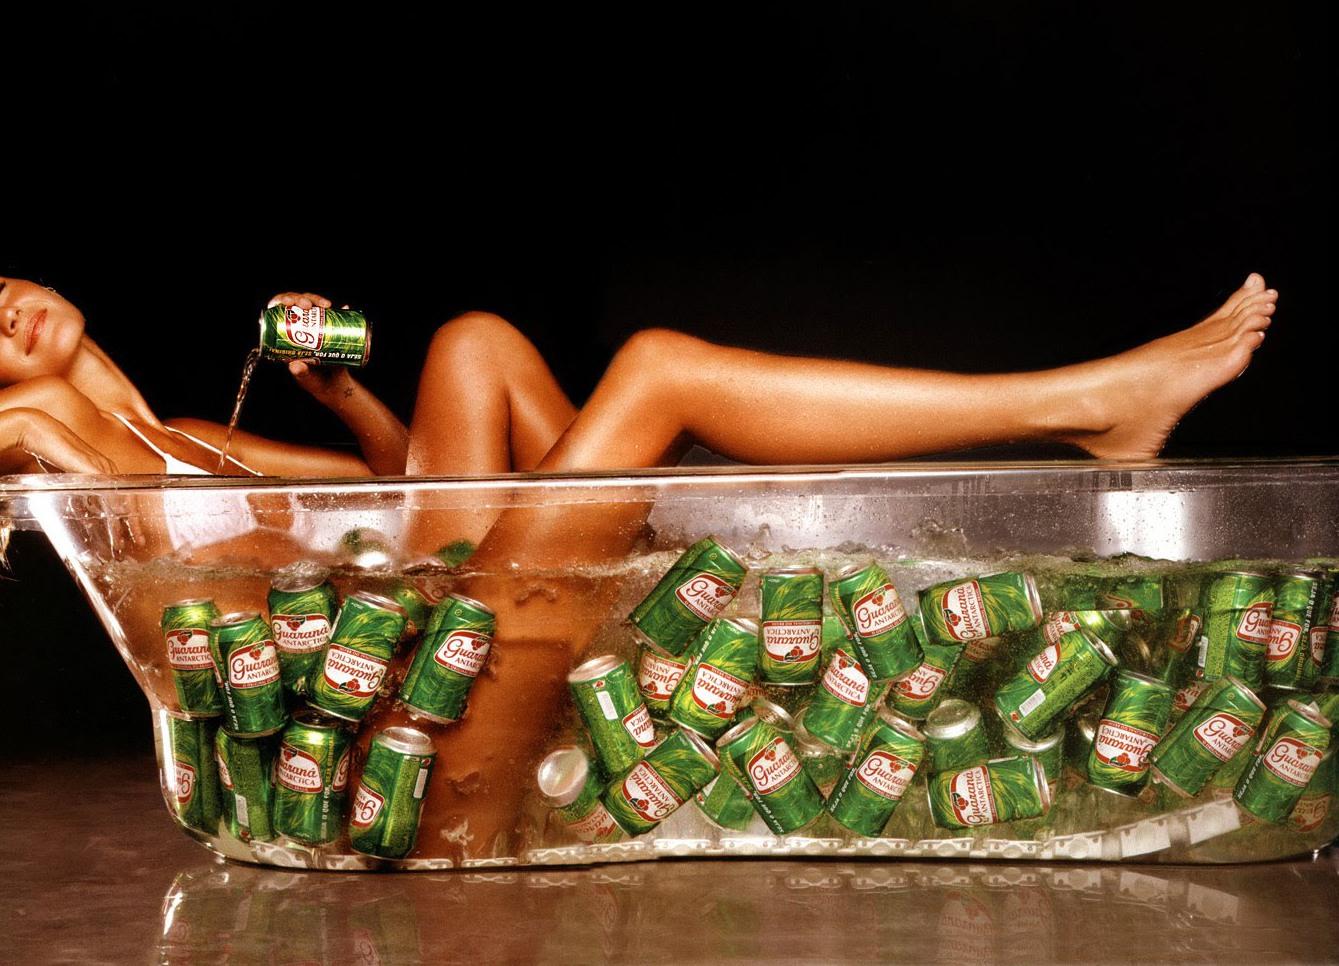 Фото голых девушек с пивом, дешевые шлюхи в тлт